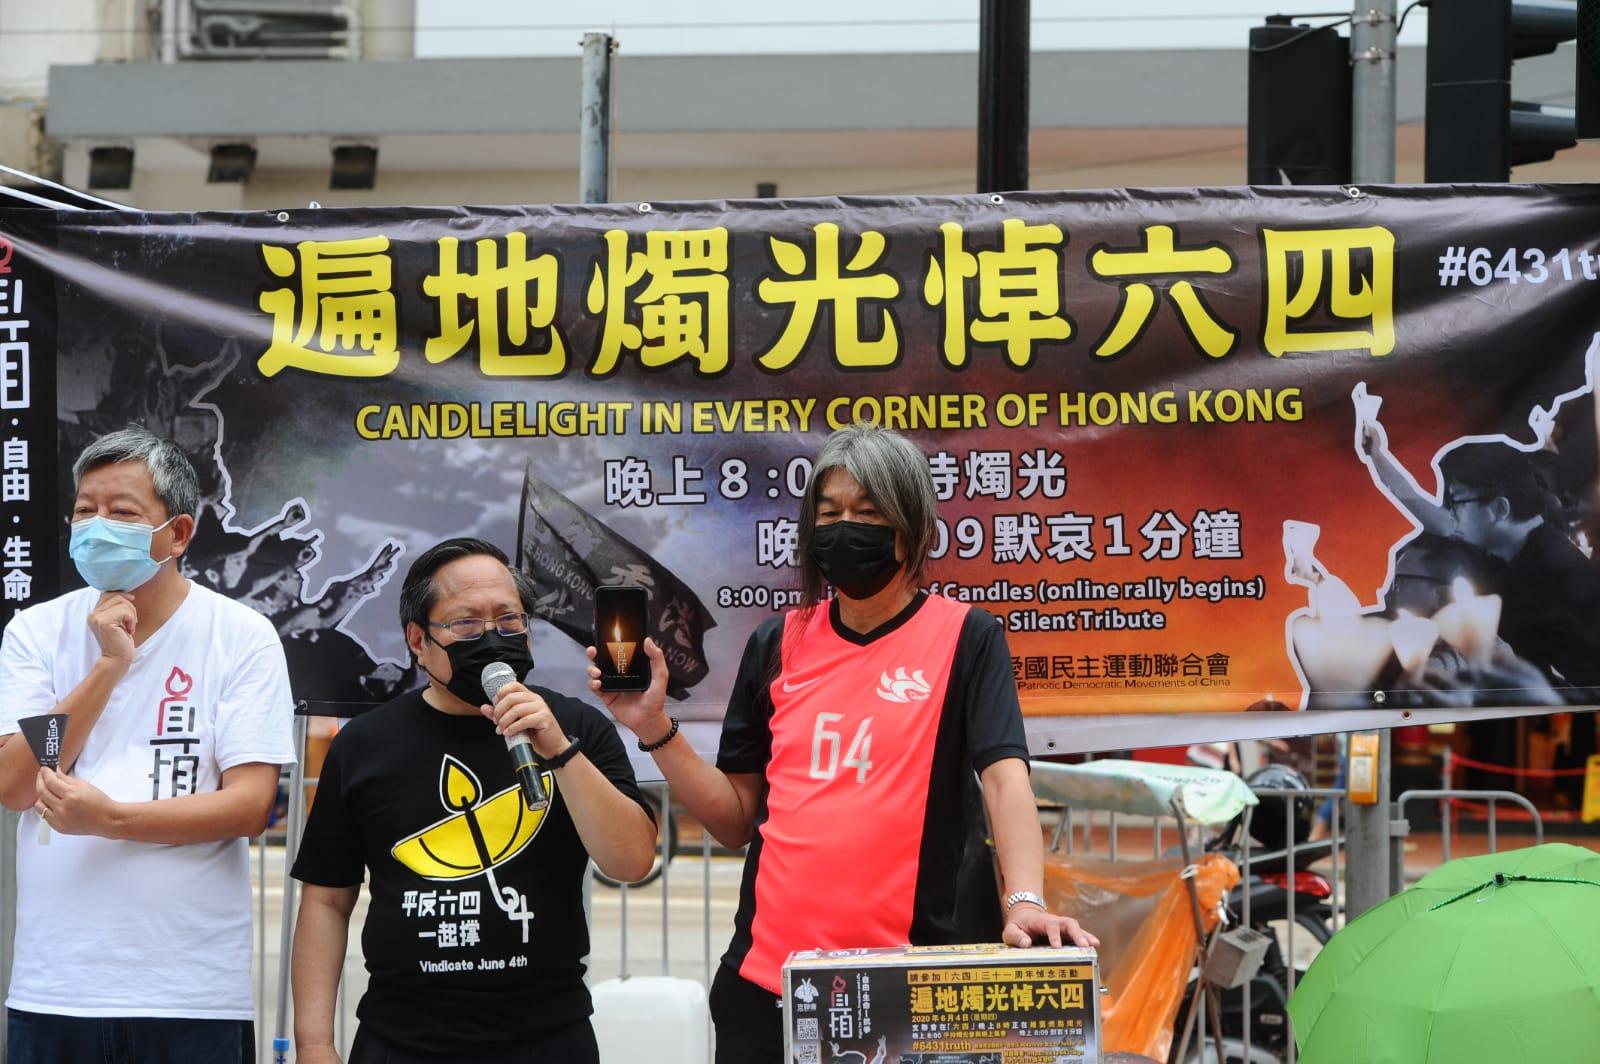 何俊仁表示,儘管《國安法》「殺」到香港,甚至衝著支聯會而來,或是打擊和拘捕目標人物,「得知警方可能會利用限聚令以防止疫情蔓延為理由禁止集會,儘管已經和警方溝通,參與人士相互之間會保持5米的距離,但相信警方會盡力禁止集會。」但是他表示,他們不會因此而退縮。(宋碧龍 / 大紀元)